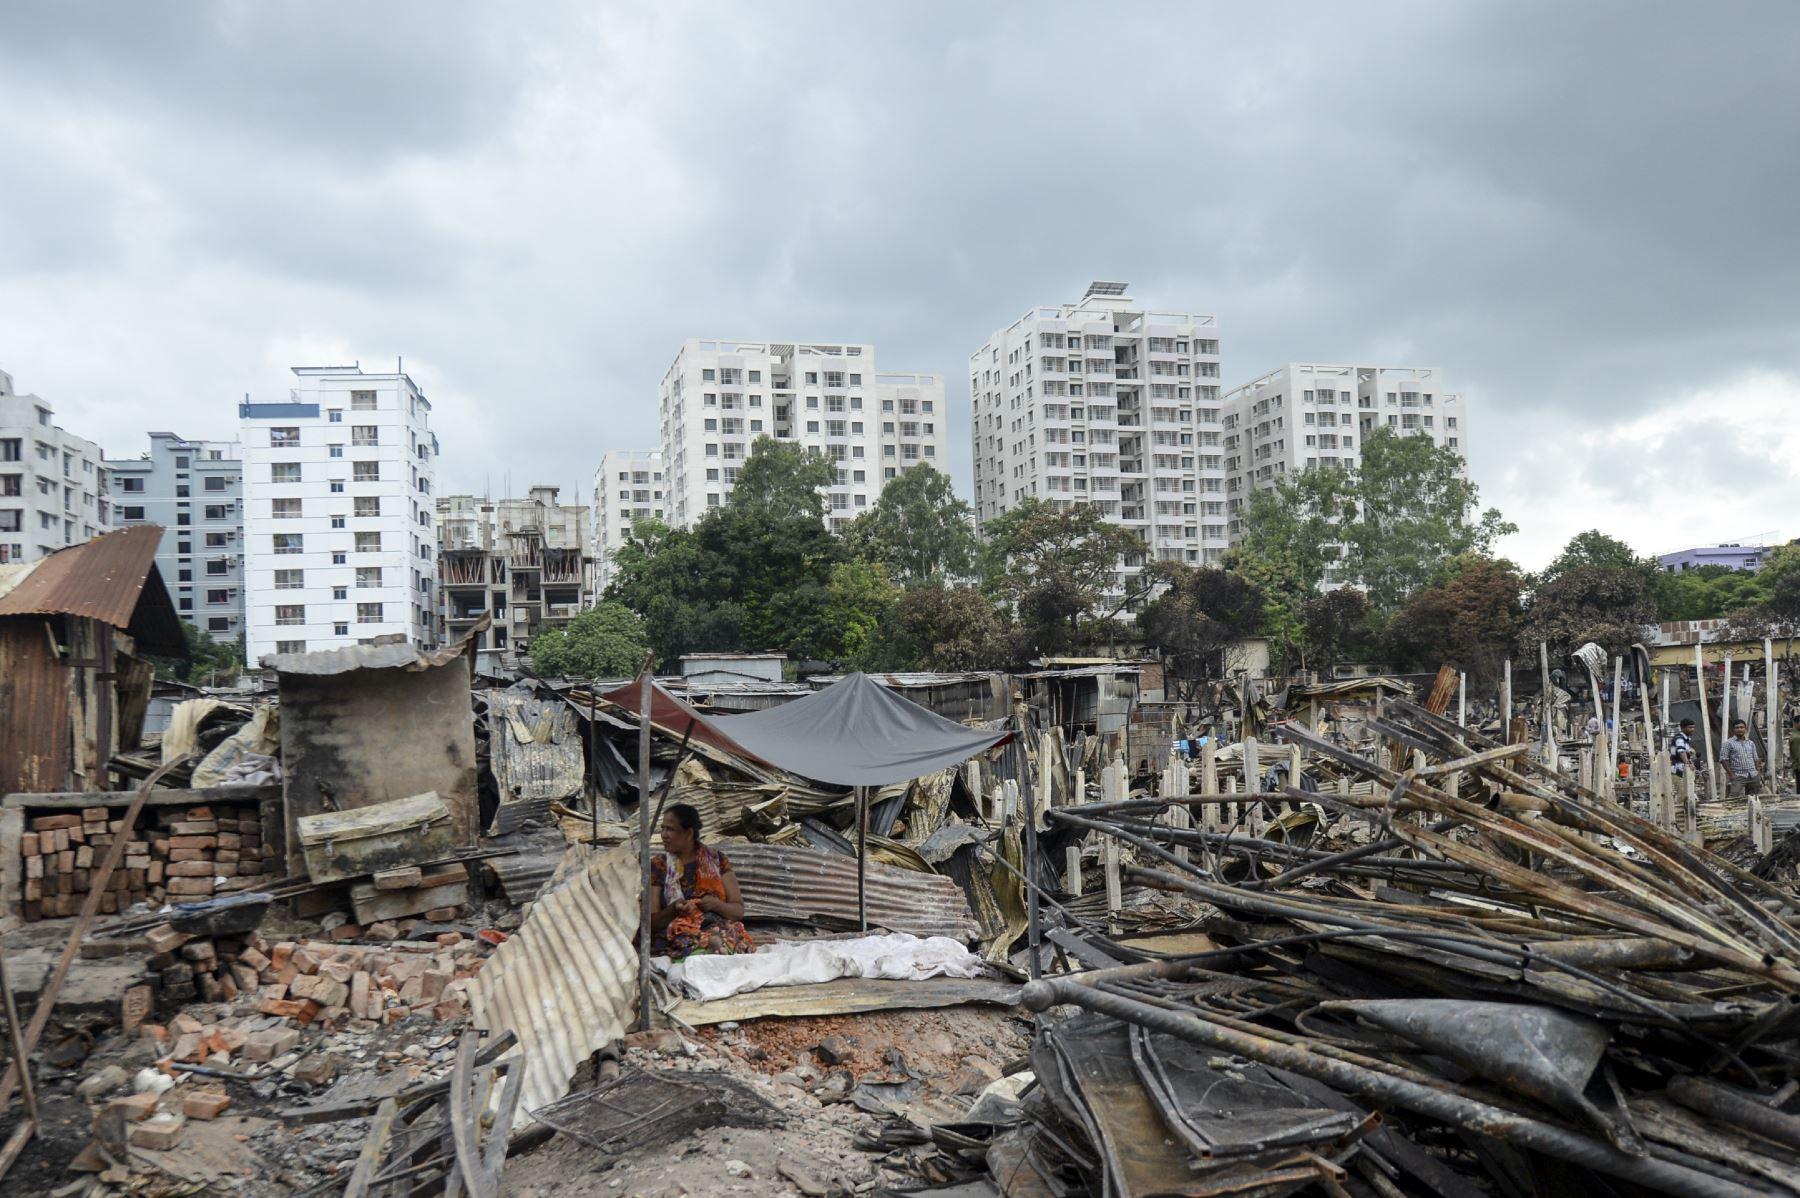 Un residente descansa en un refugio temporal en un barrio pobre en Dhaka, después de que un incendio estalló en el vecindario de Mirpur. Al menos 10,000 personas están sin hogar después de que un incendio masivo arrasó un barrio pobre lleno de gente en la capital de Bangladesh. Foto: AFP